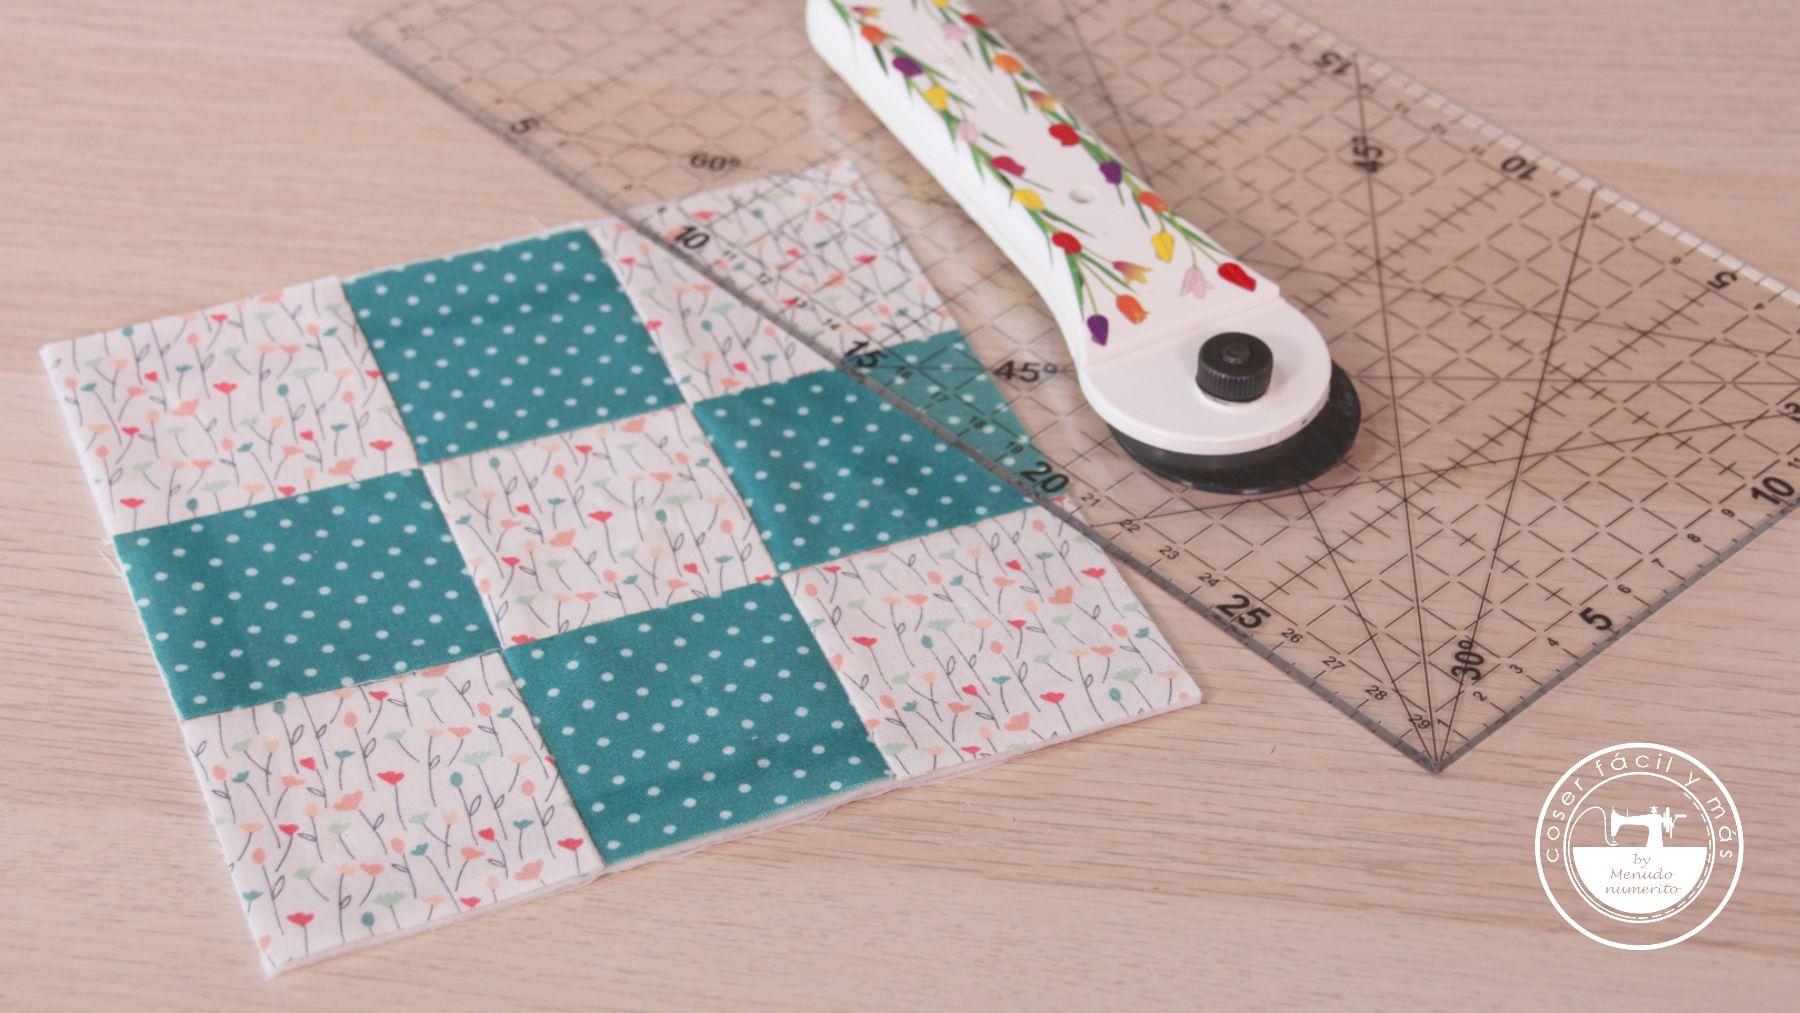 acolchado stitch in the ditch menudo numerito blogs de costura